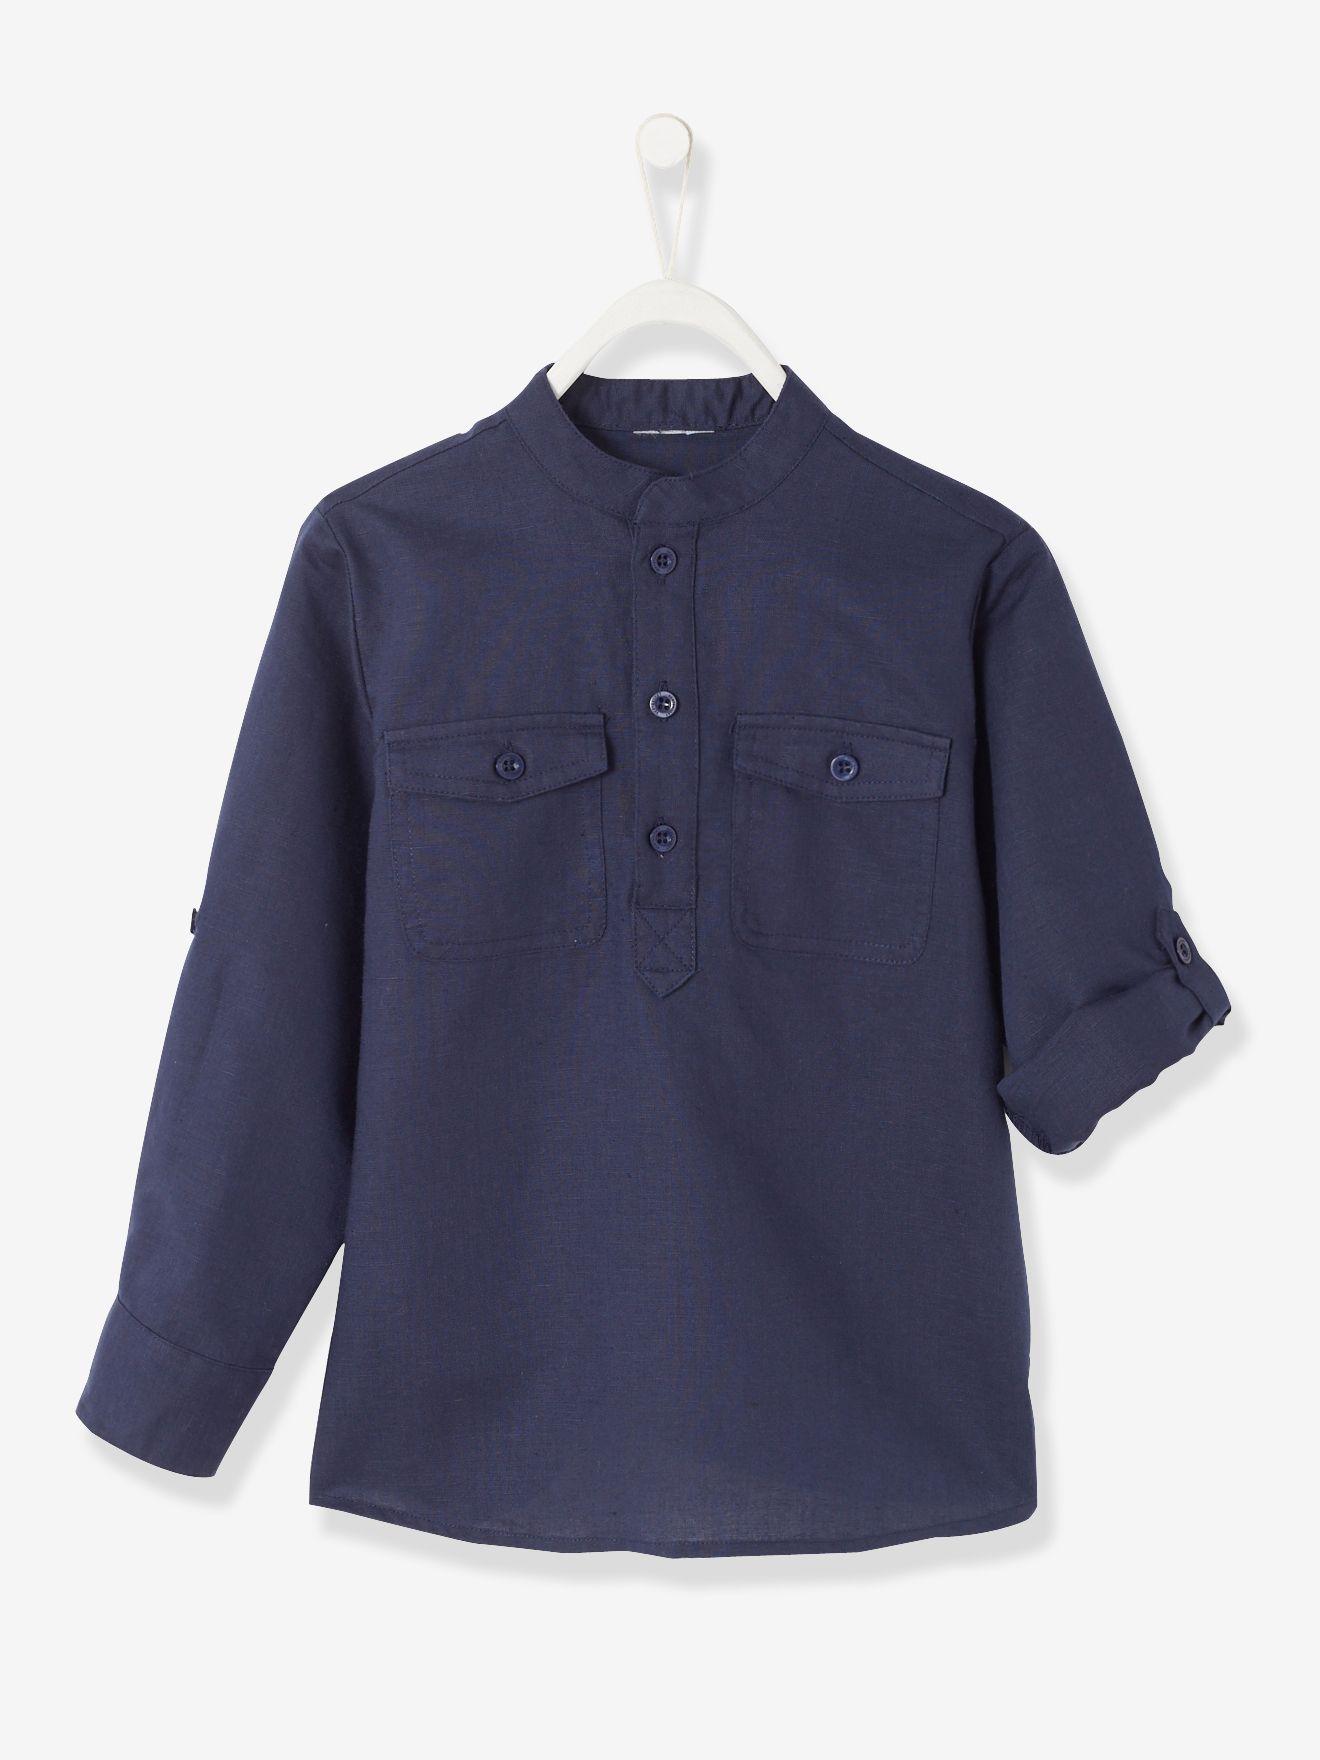 04eef8574 Camisa cuello mao niño azul marino - Vertbaudet